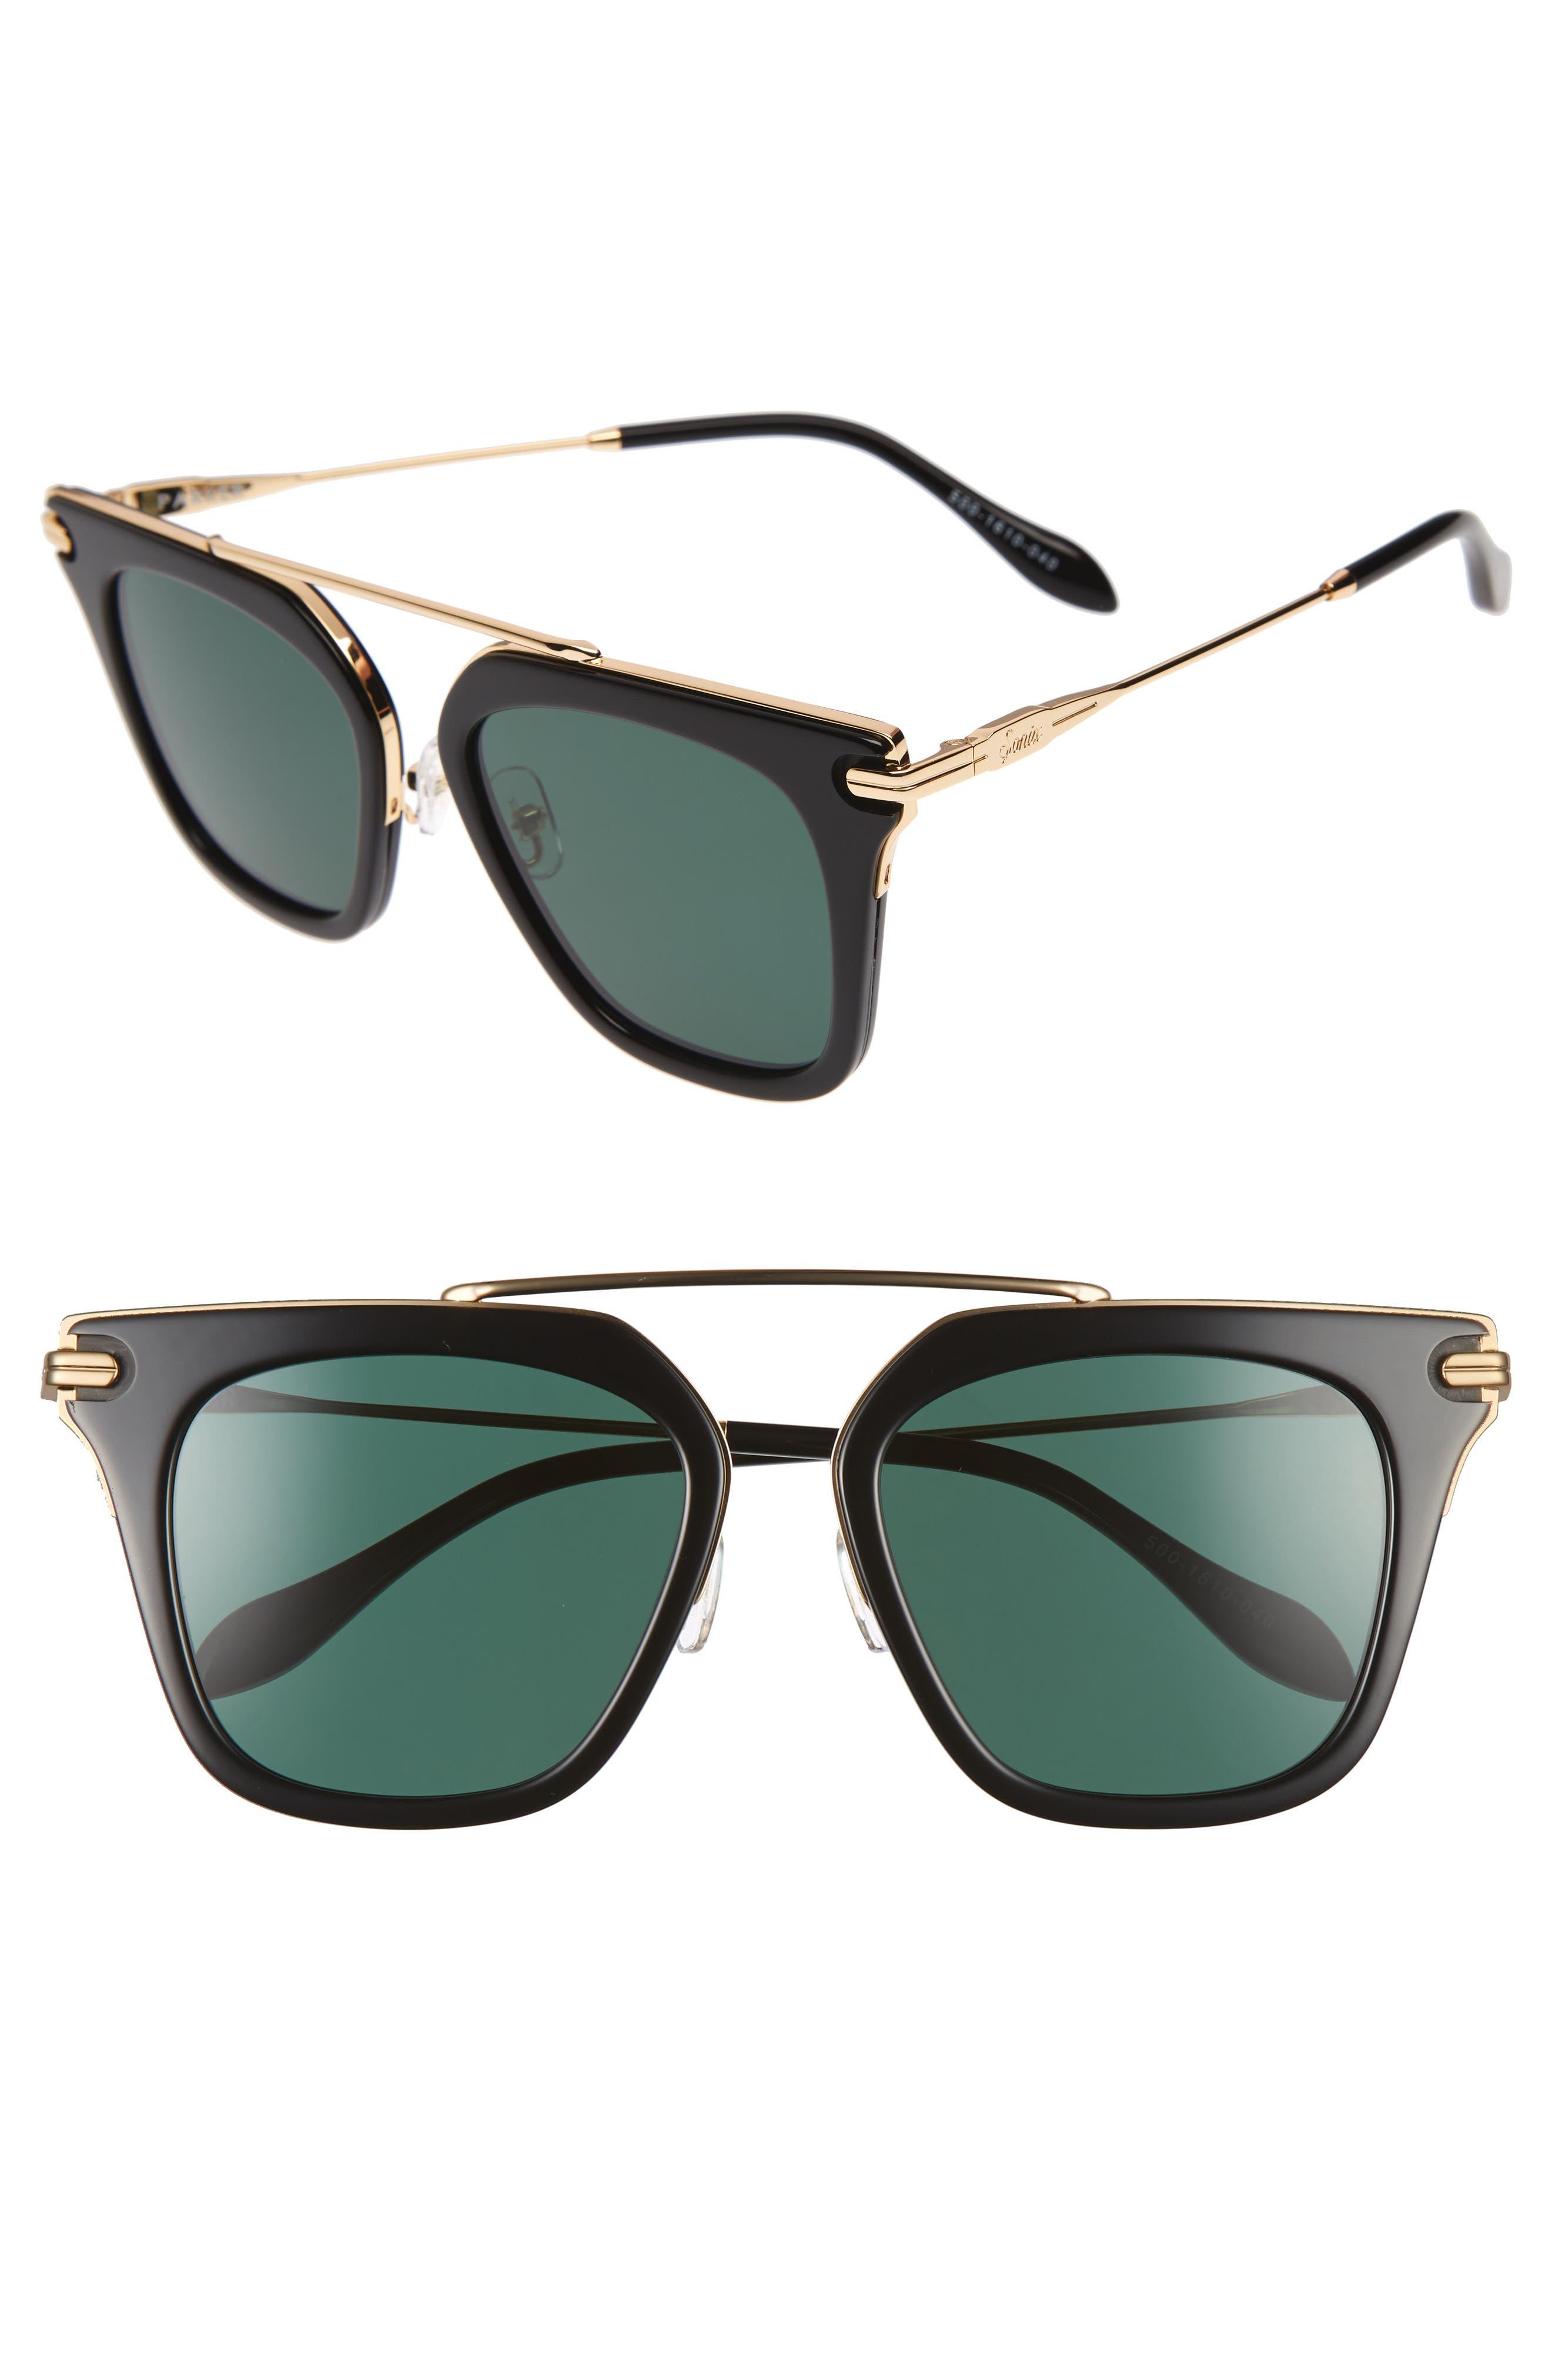 Parker 55mm Sunglasses,                         Main,                         color, 001